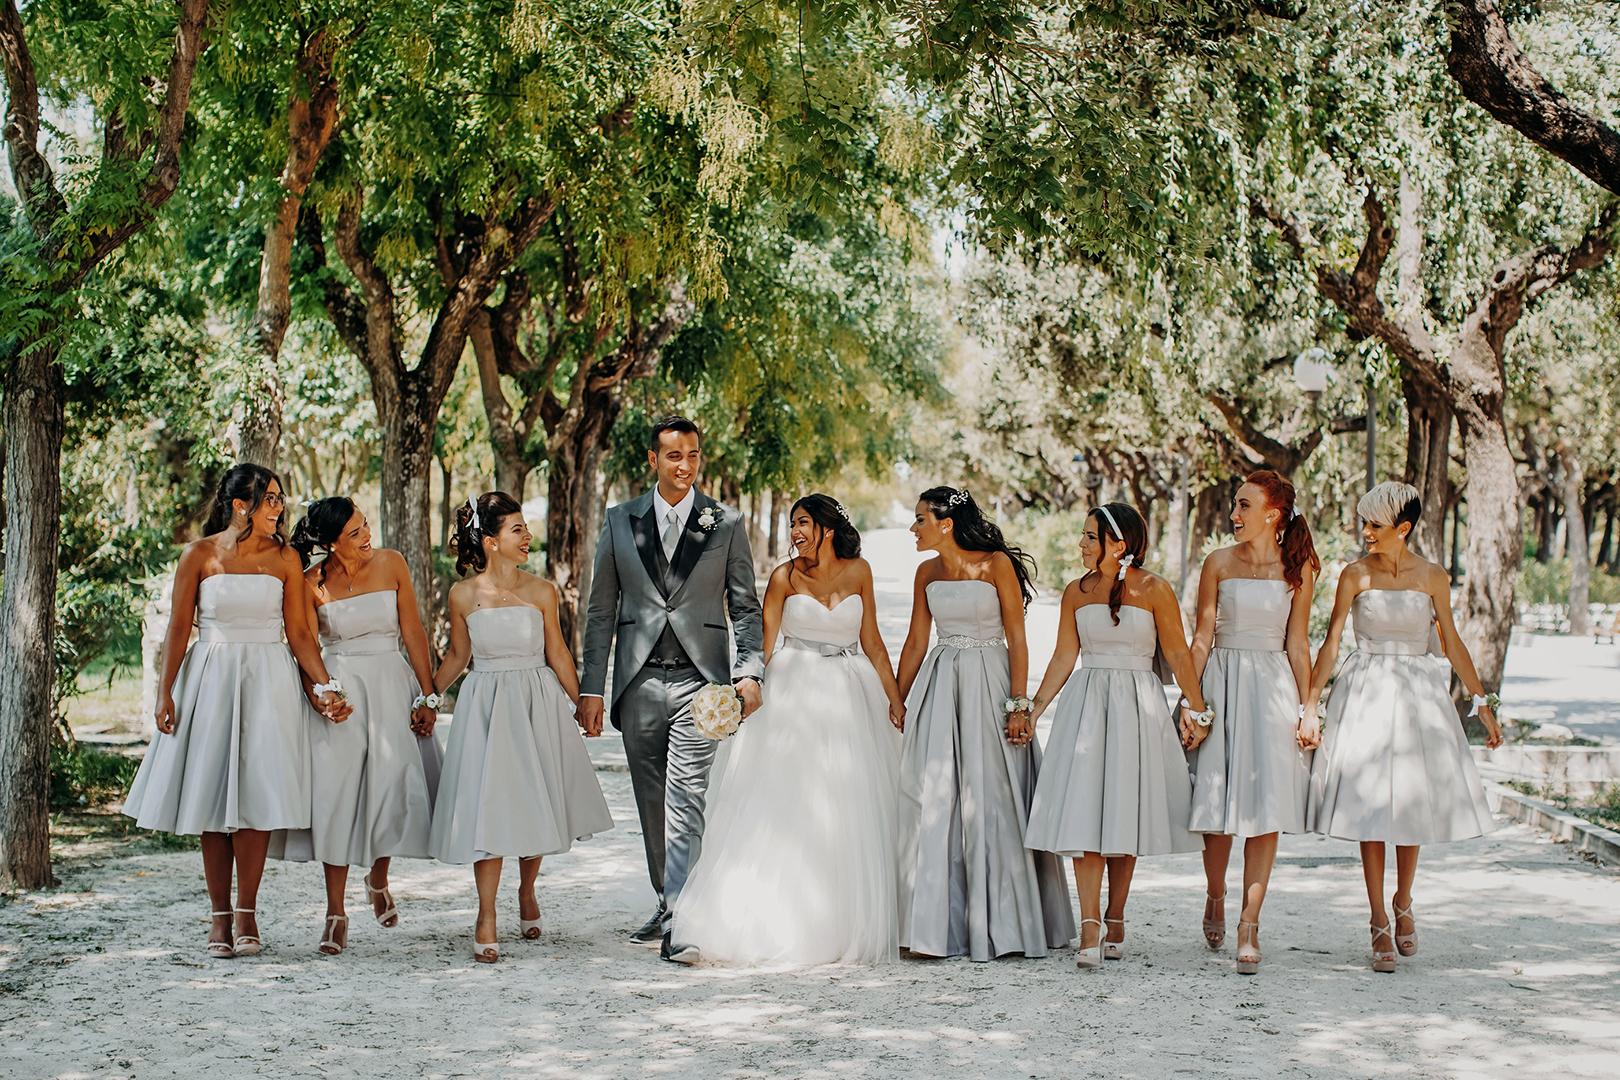 36 gianni-lepore-sposi-fotografo-bride-groom-villa-comunale-lucera-damigelle-famiglia